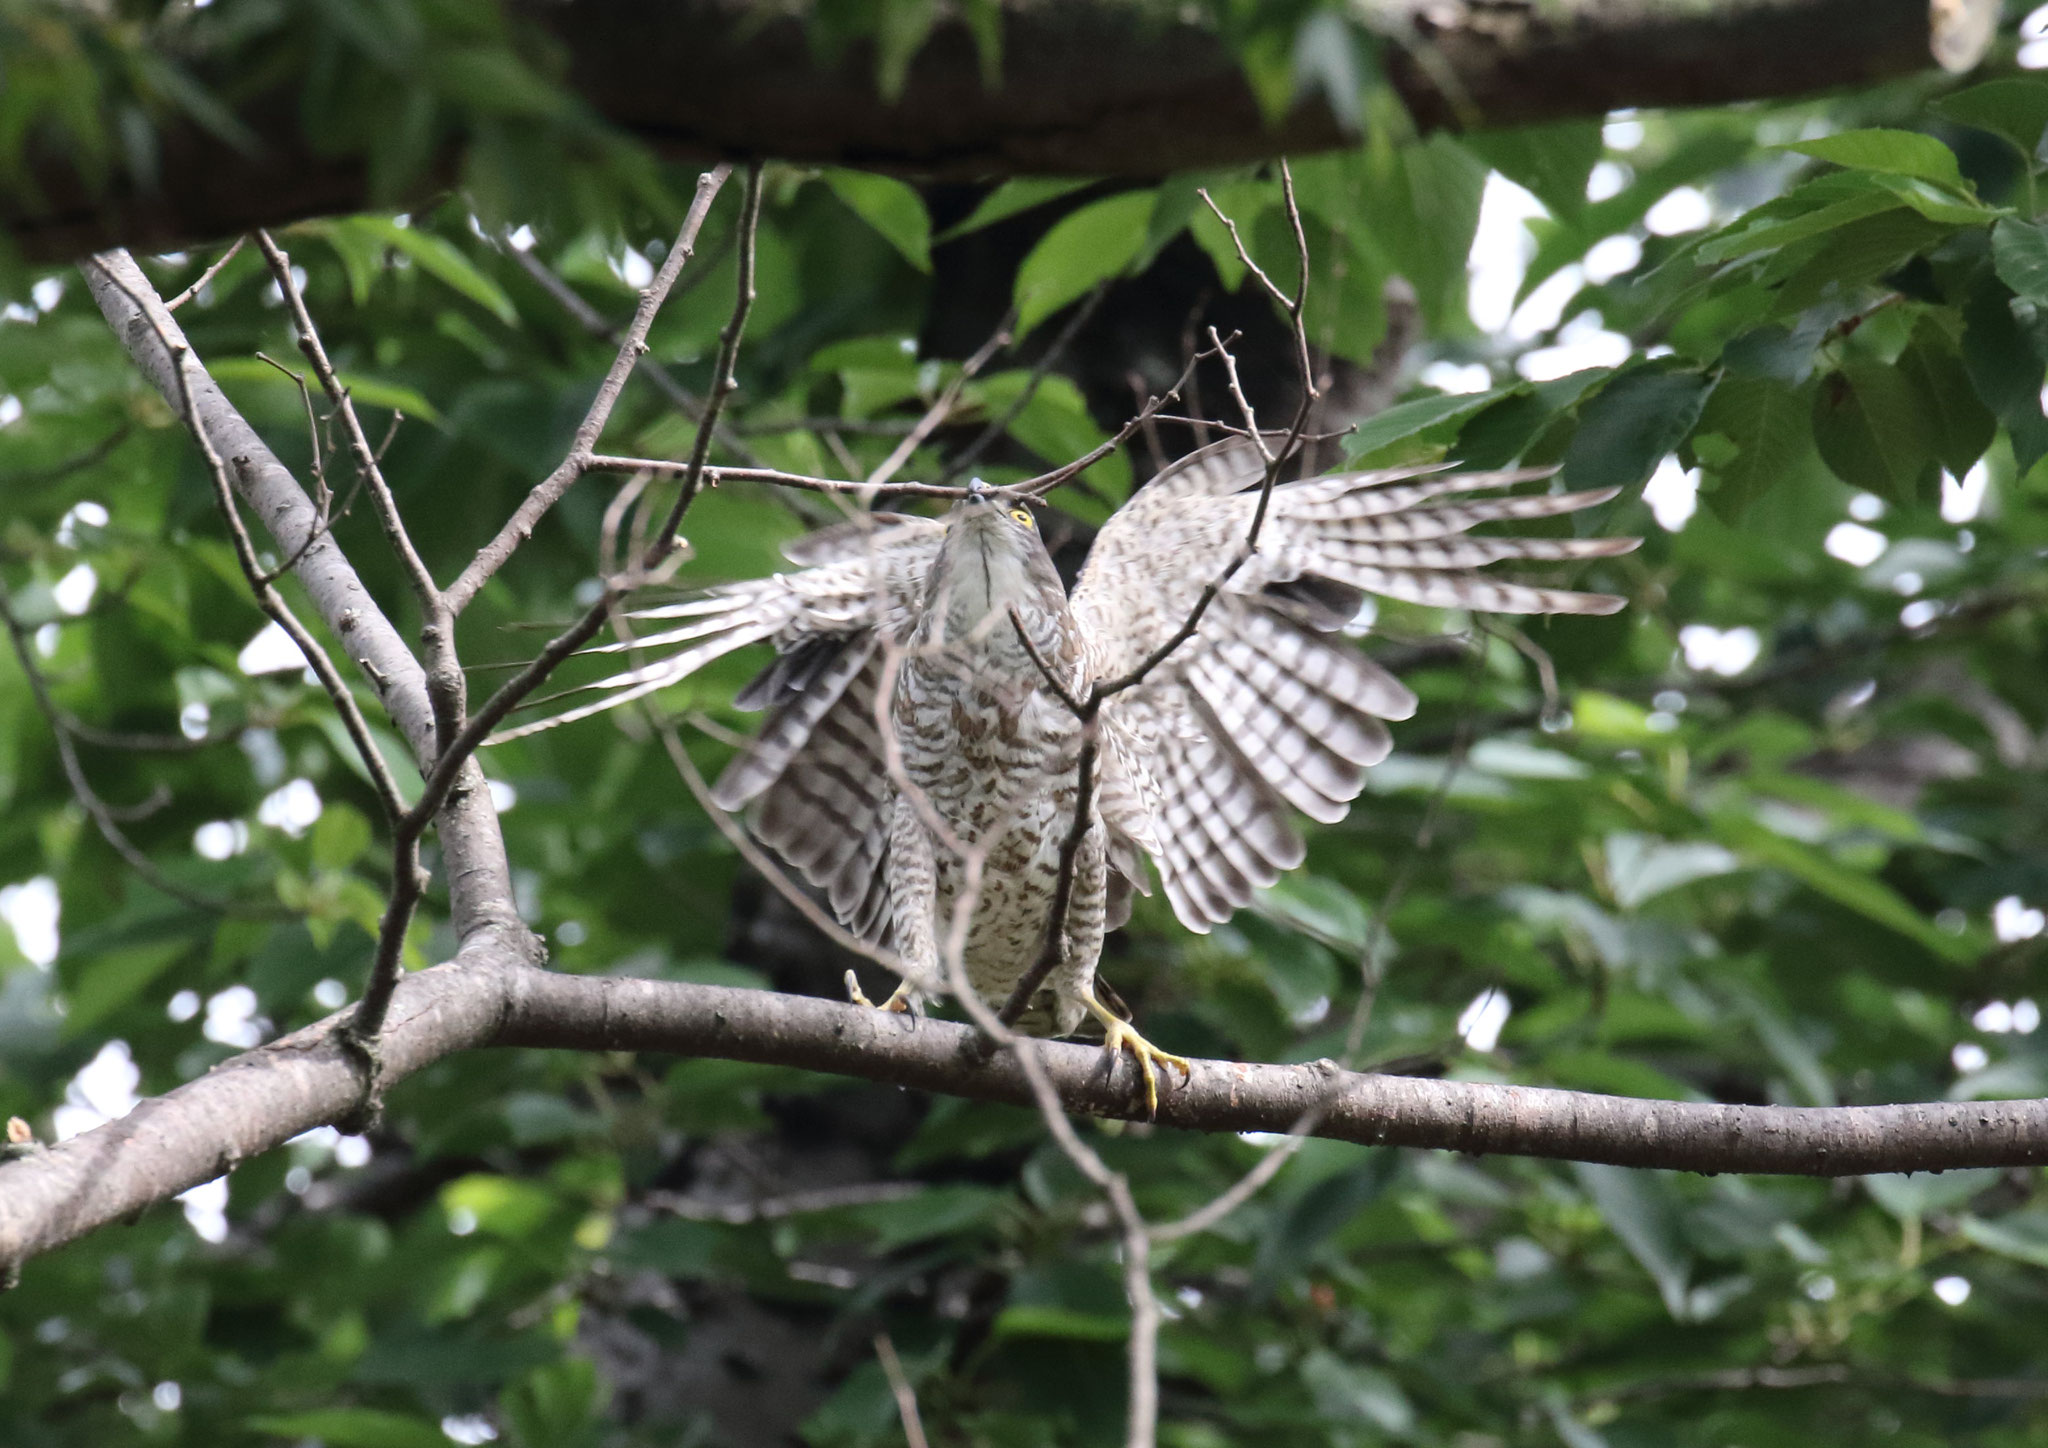 啄んだ枯枝、へし折る…其の一 ツミ 2021年5月 柏市近郊 羽ばたき全身を預けて枯枝へし折る